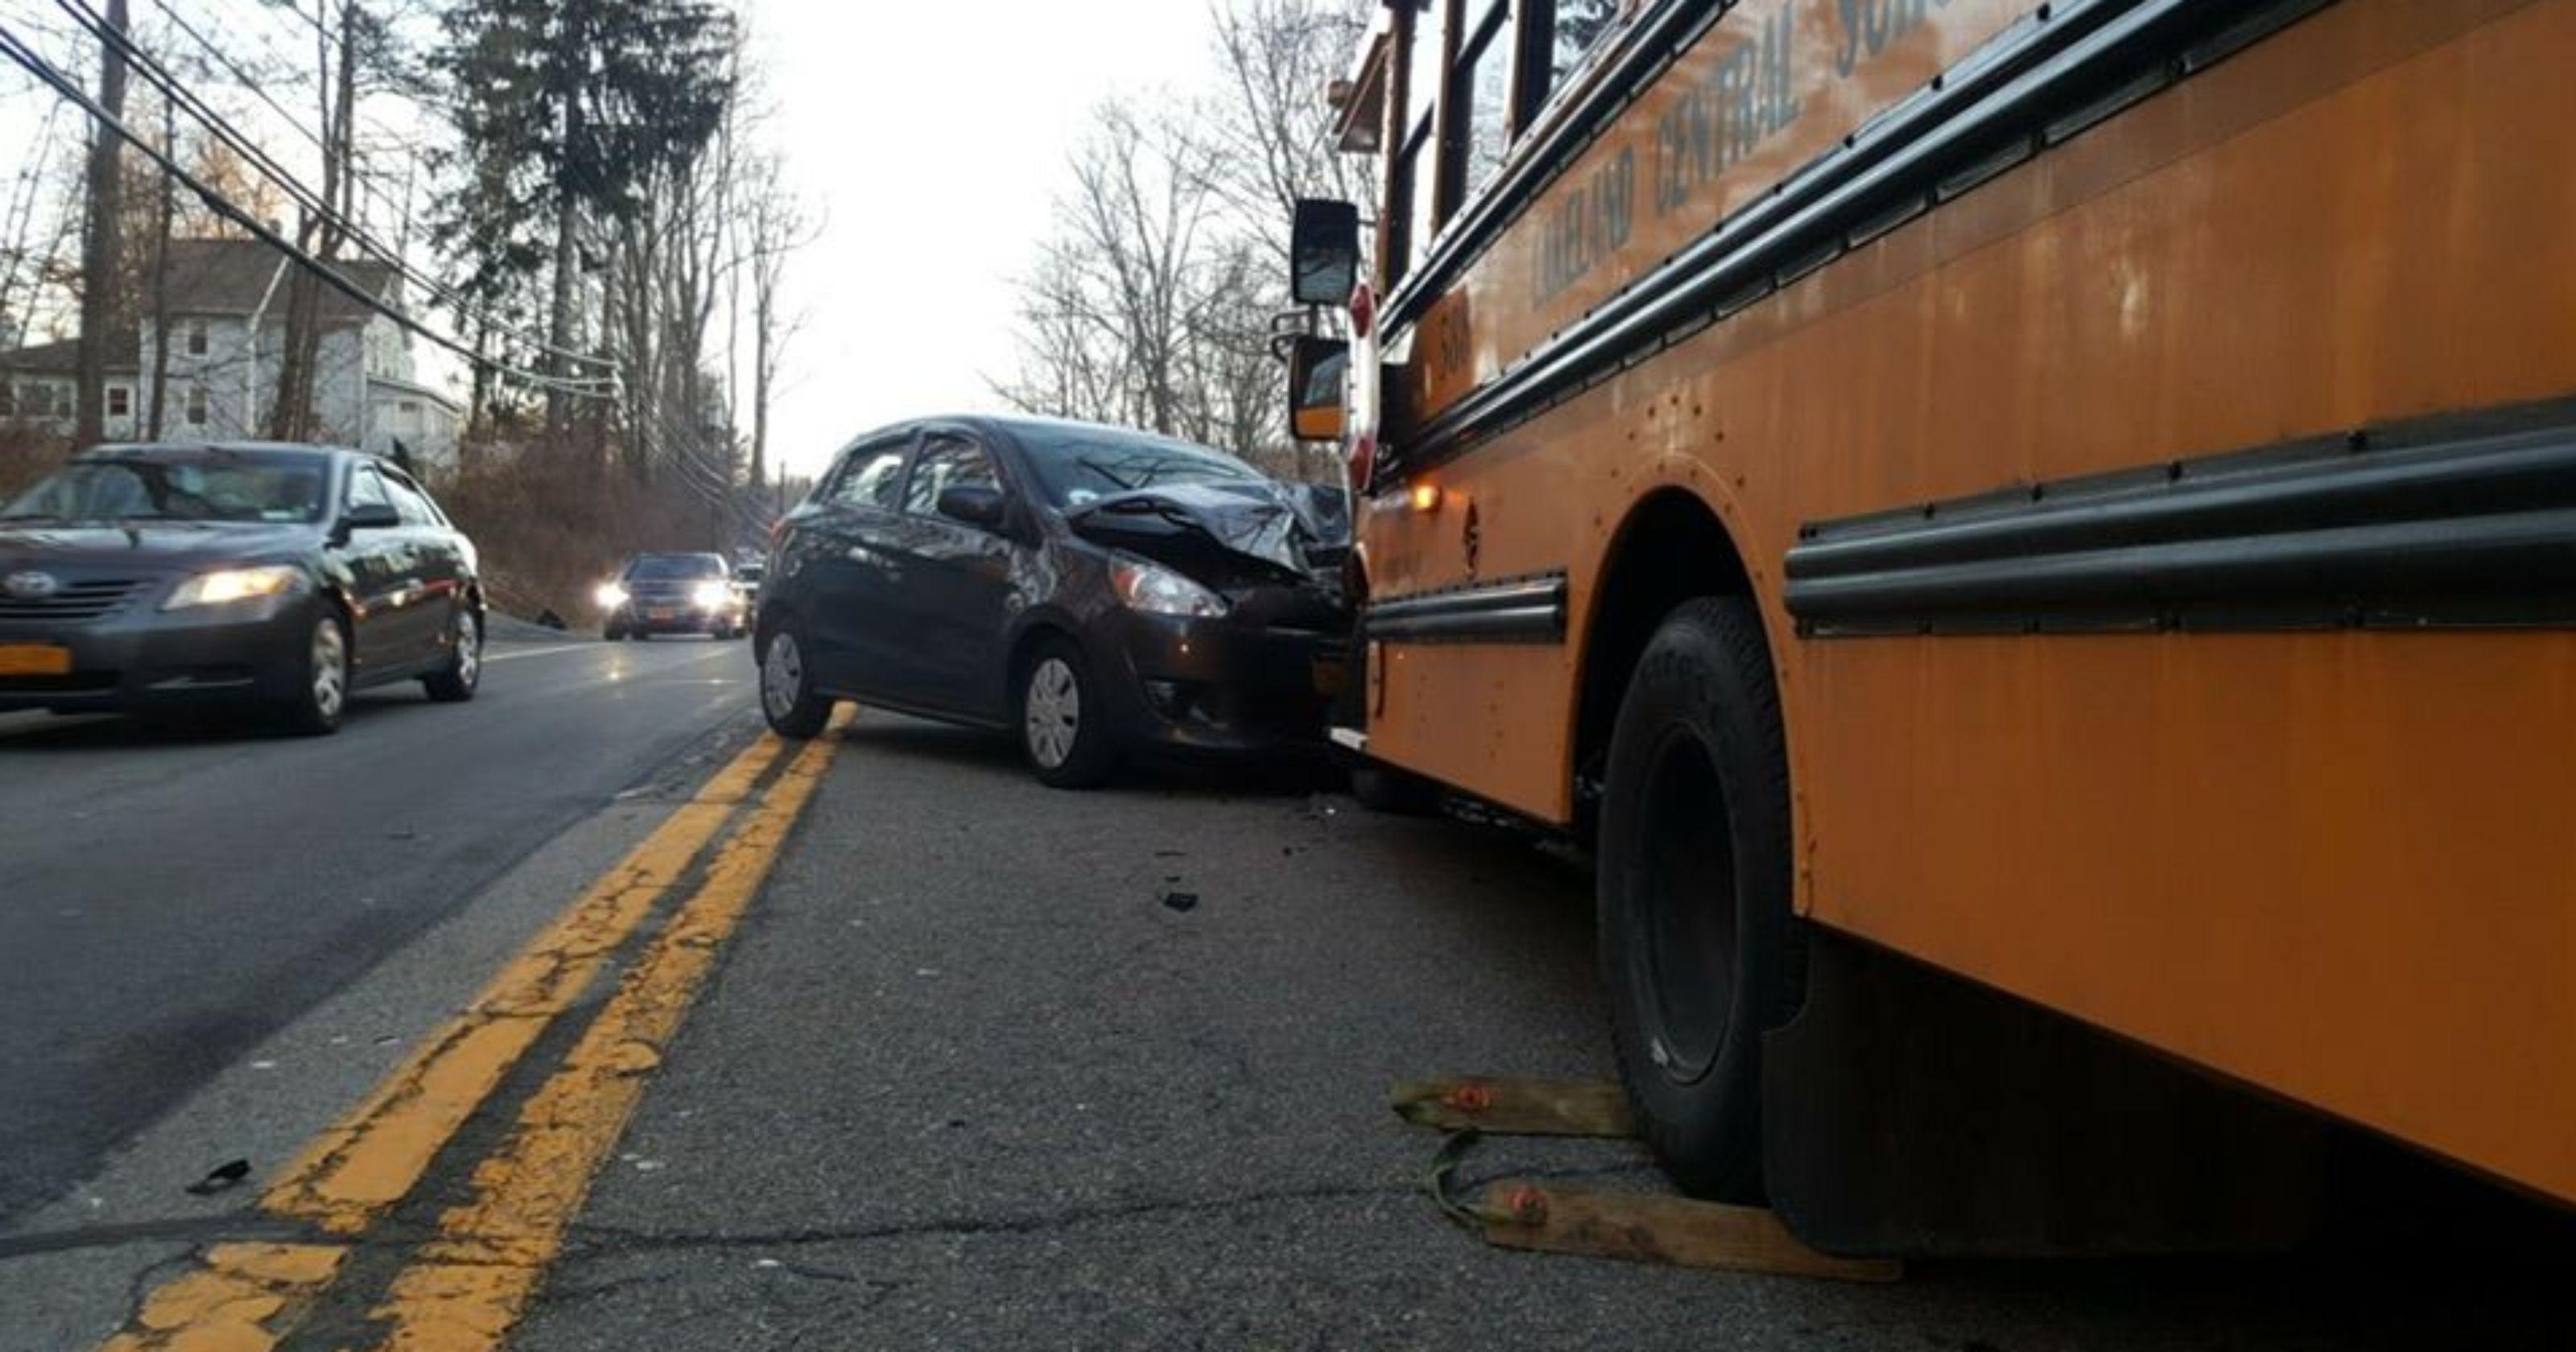 636541063530706611-cortlandt-school-bus-crash